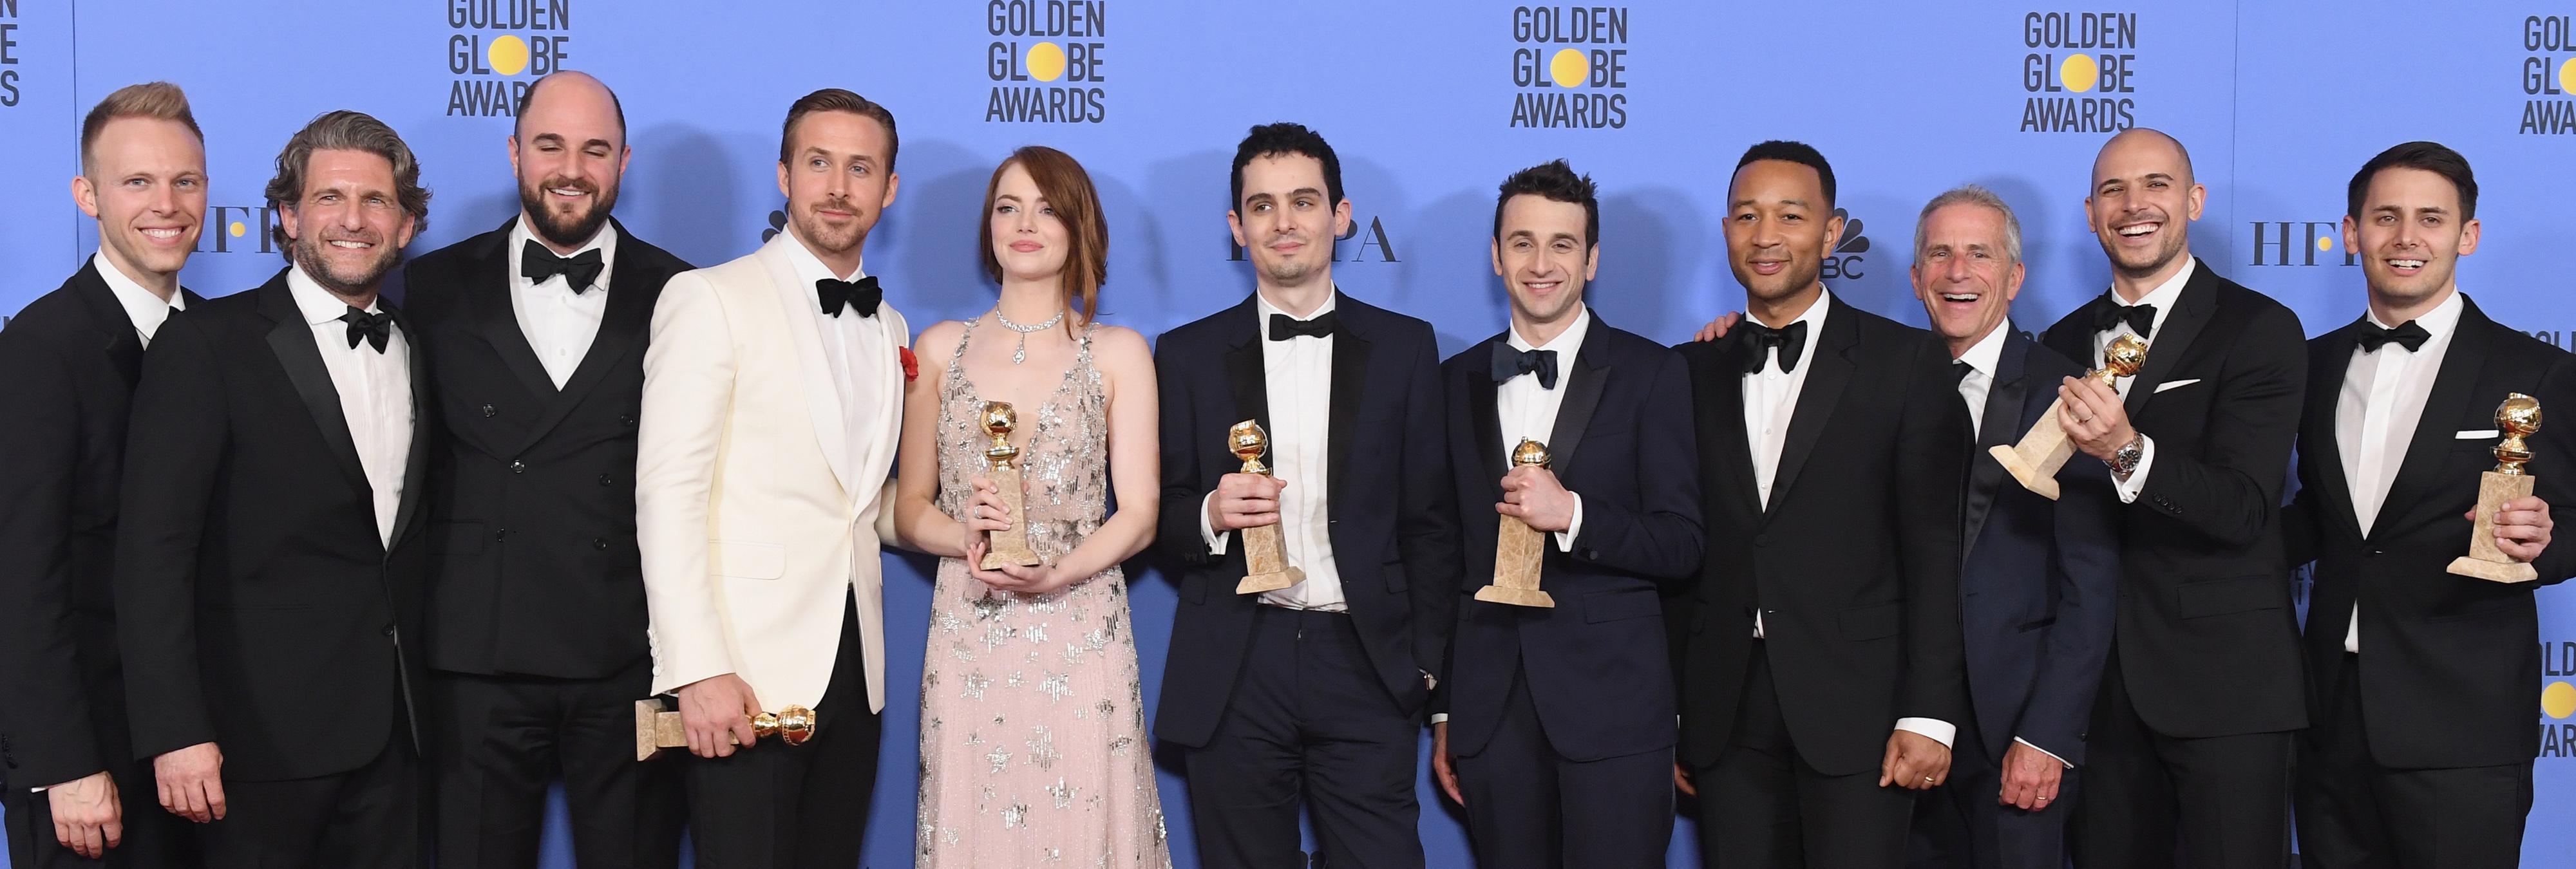 Las 10 películas con más Globos de Oro de la historia